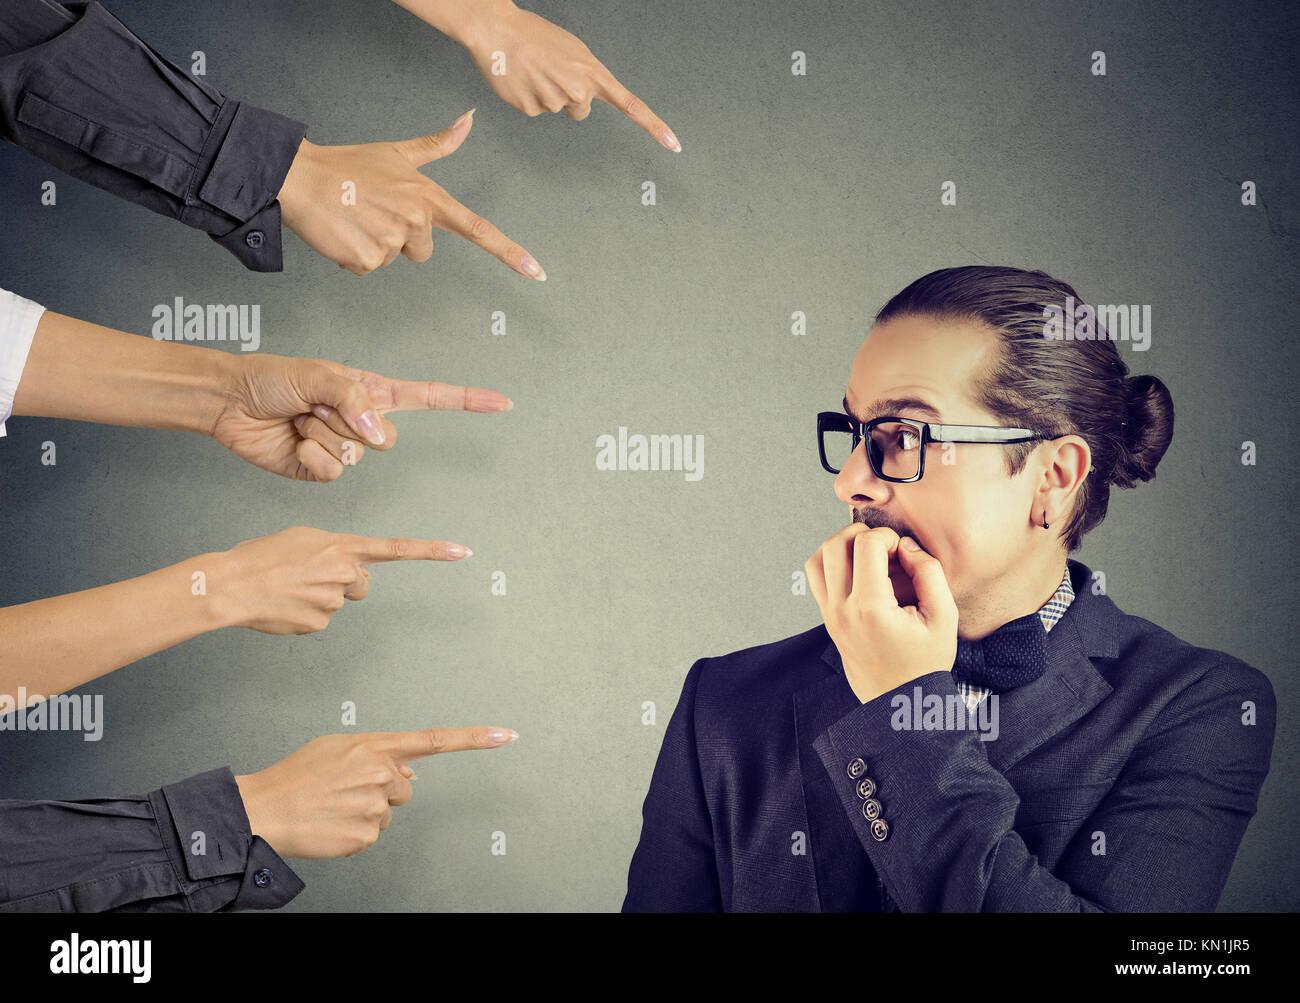 Ansiosi uomo ha paura di essere giudicati da persone diverse. Concetto di accusa di colpevole guy. Le emozioni negative Immagini Stock